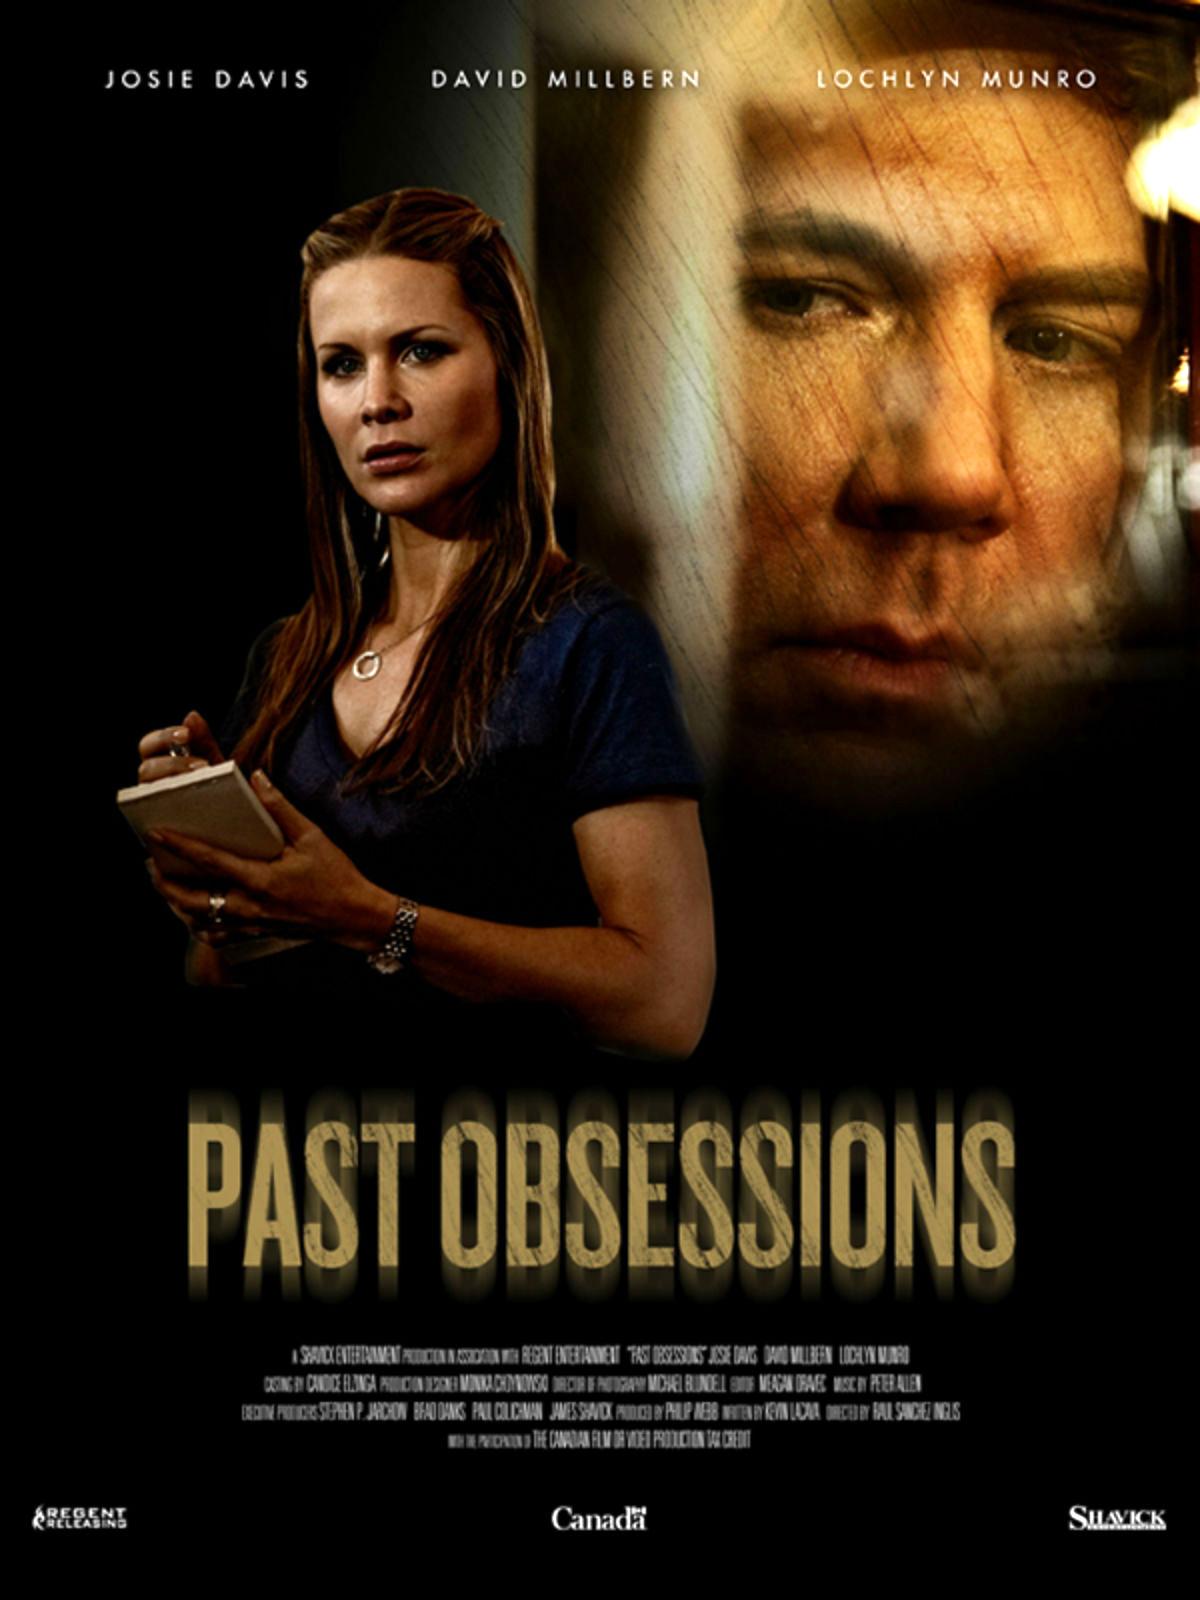 Here-PastObsessions-Full-Image-en-US.jpg